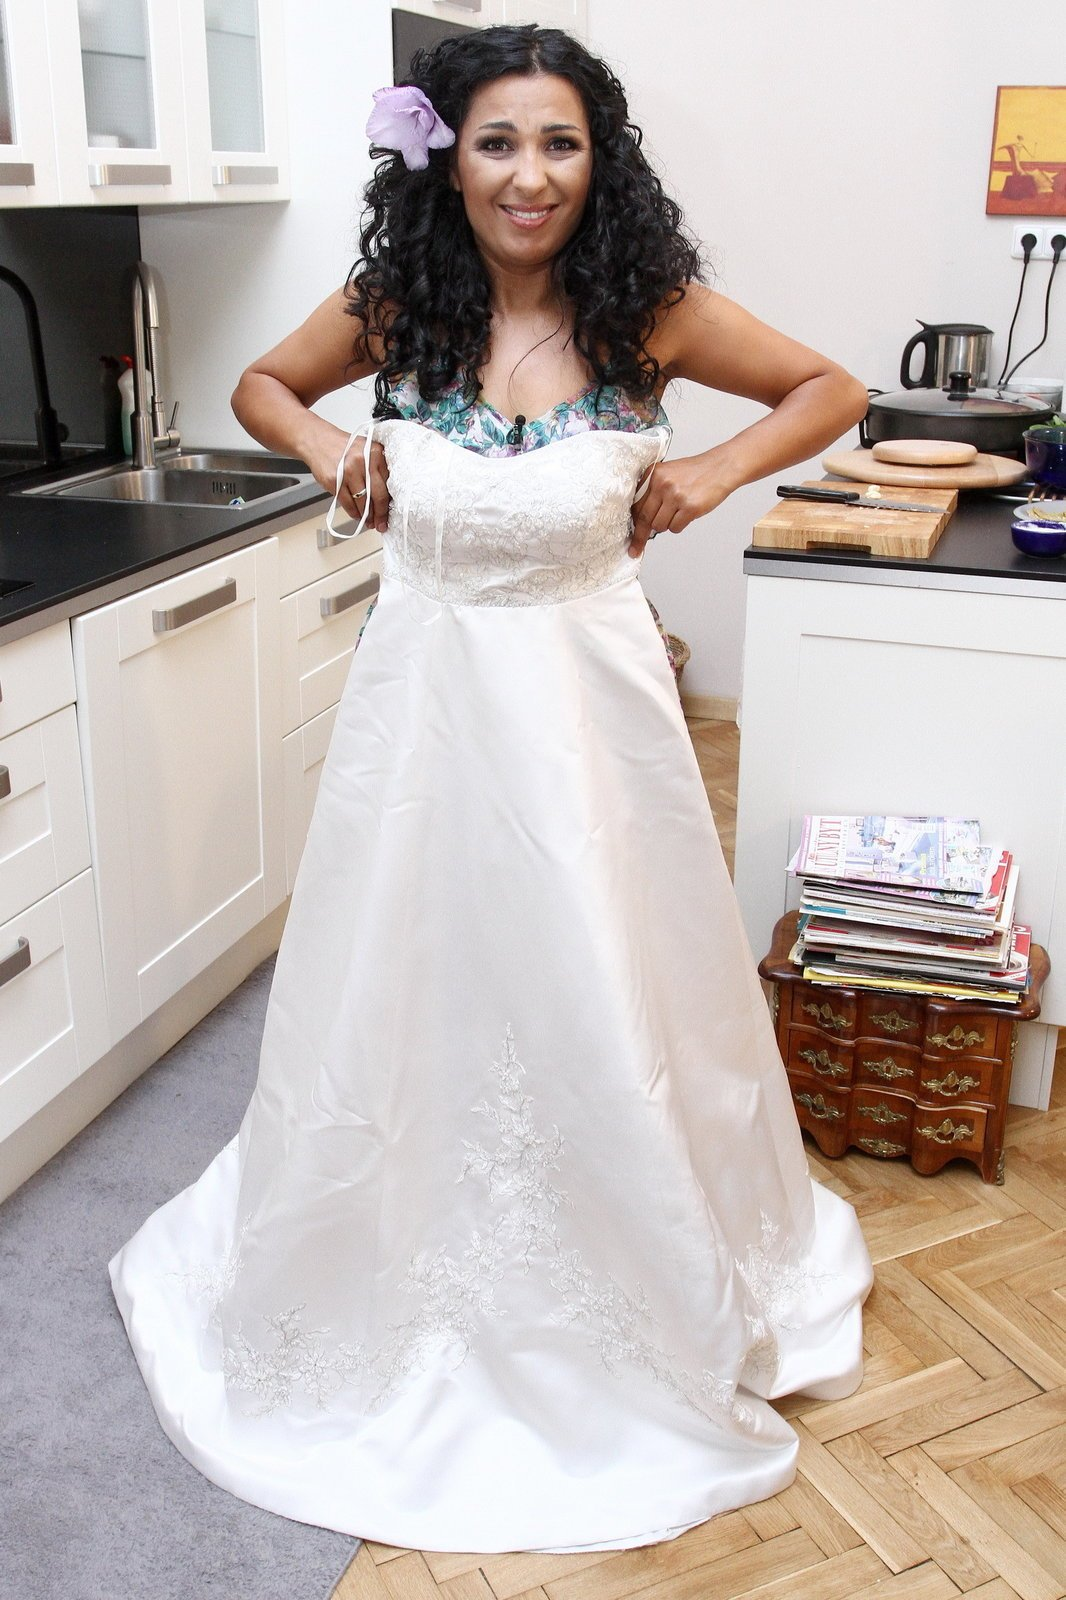 Těchto svatebních šatů se Anife zbavila. Hodila je do koše.